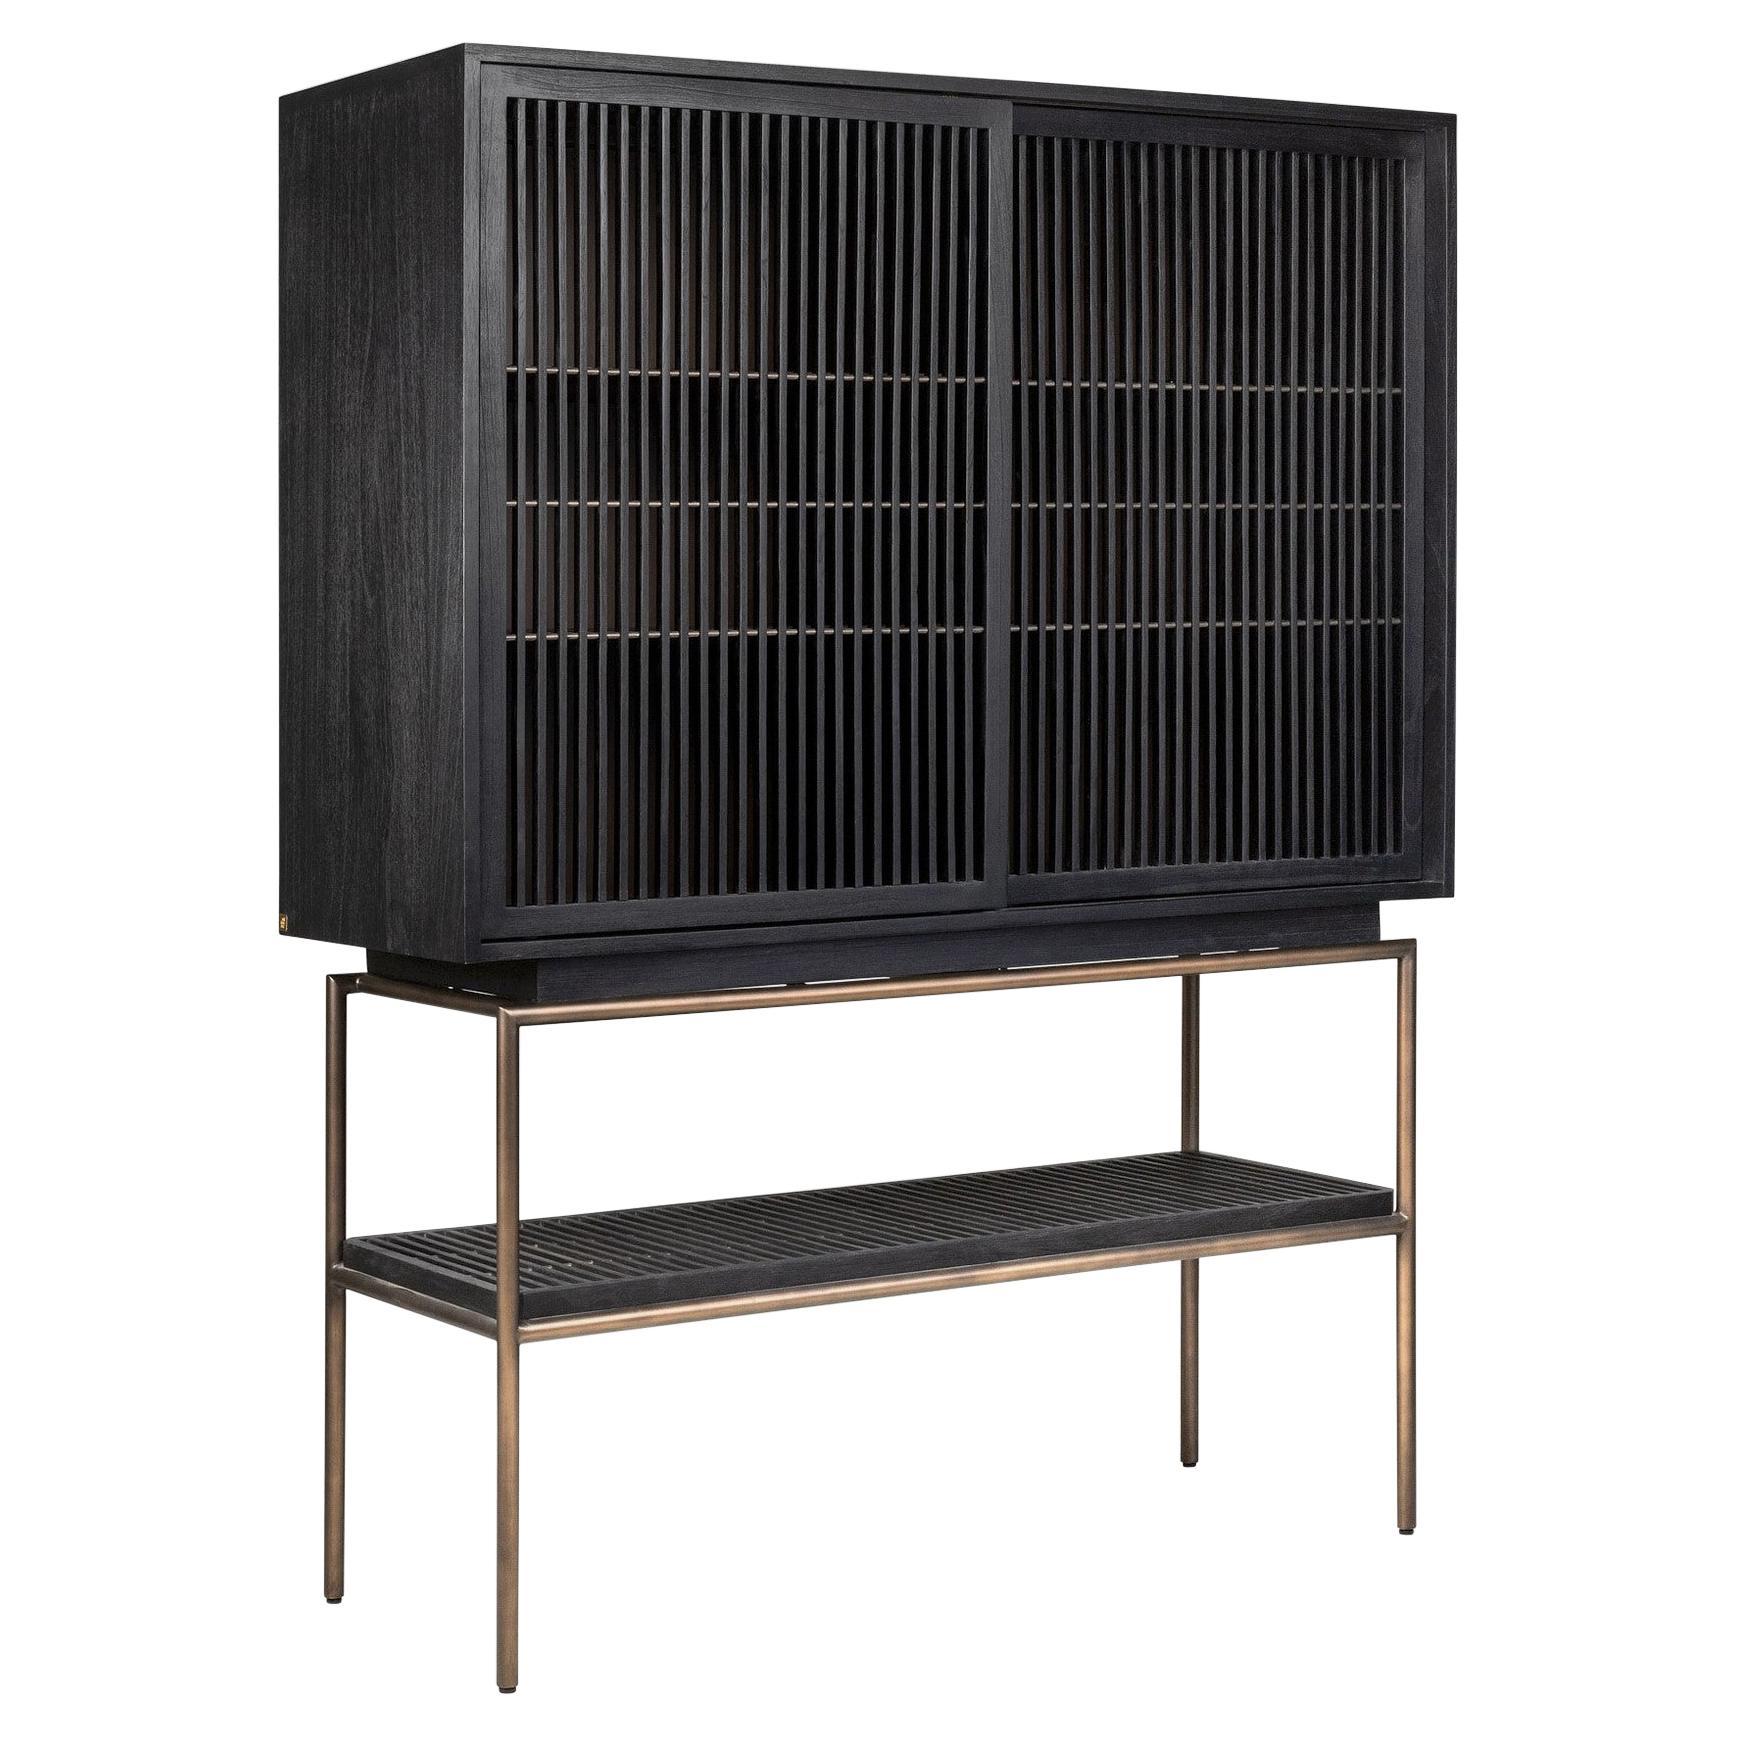 Brutalist MCM Design Wooden and Black Metal Bar Cabinet